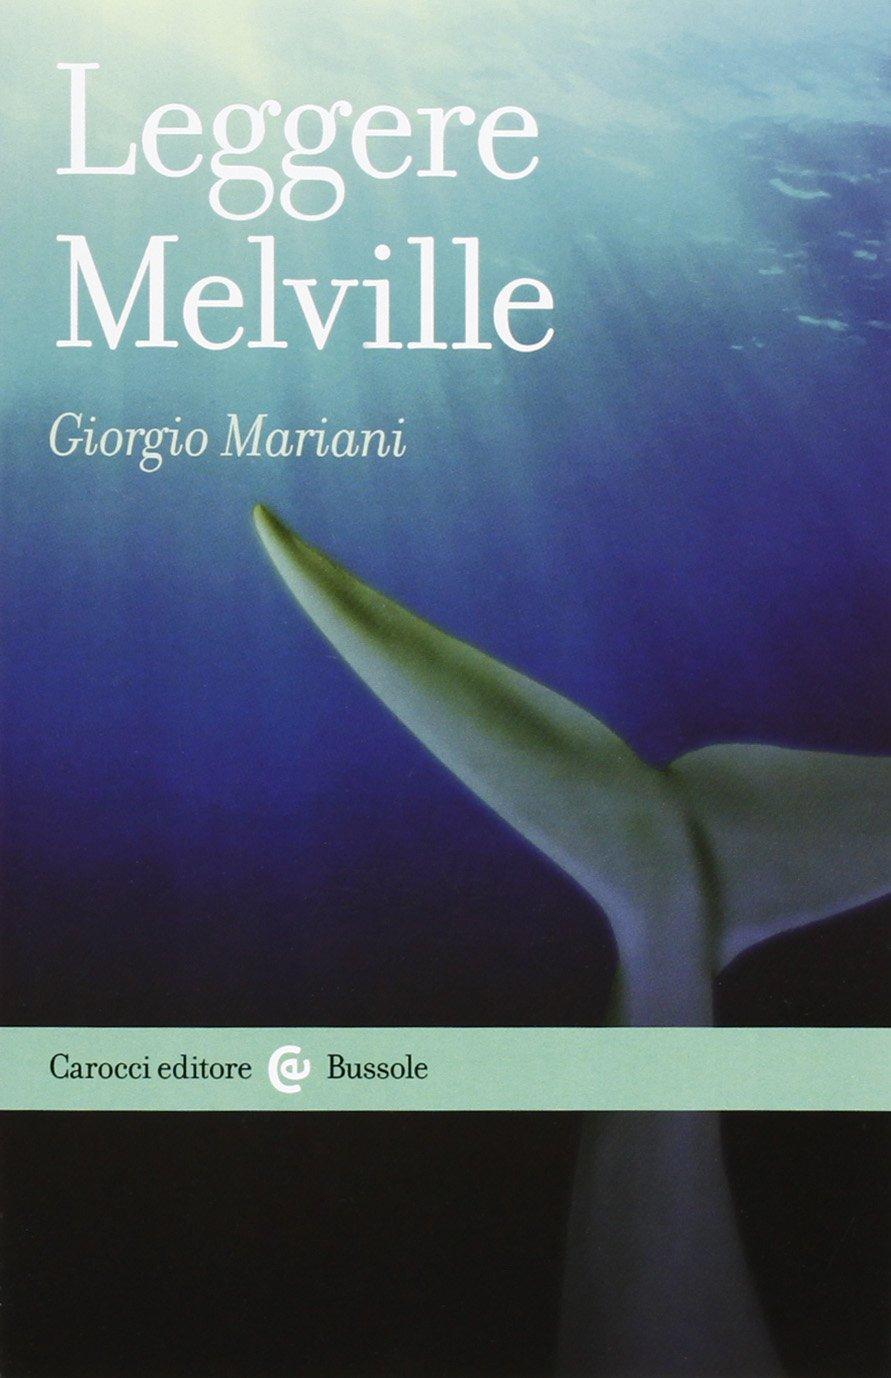 Leggere Melville